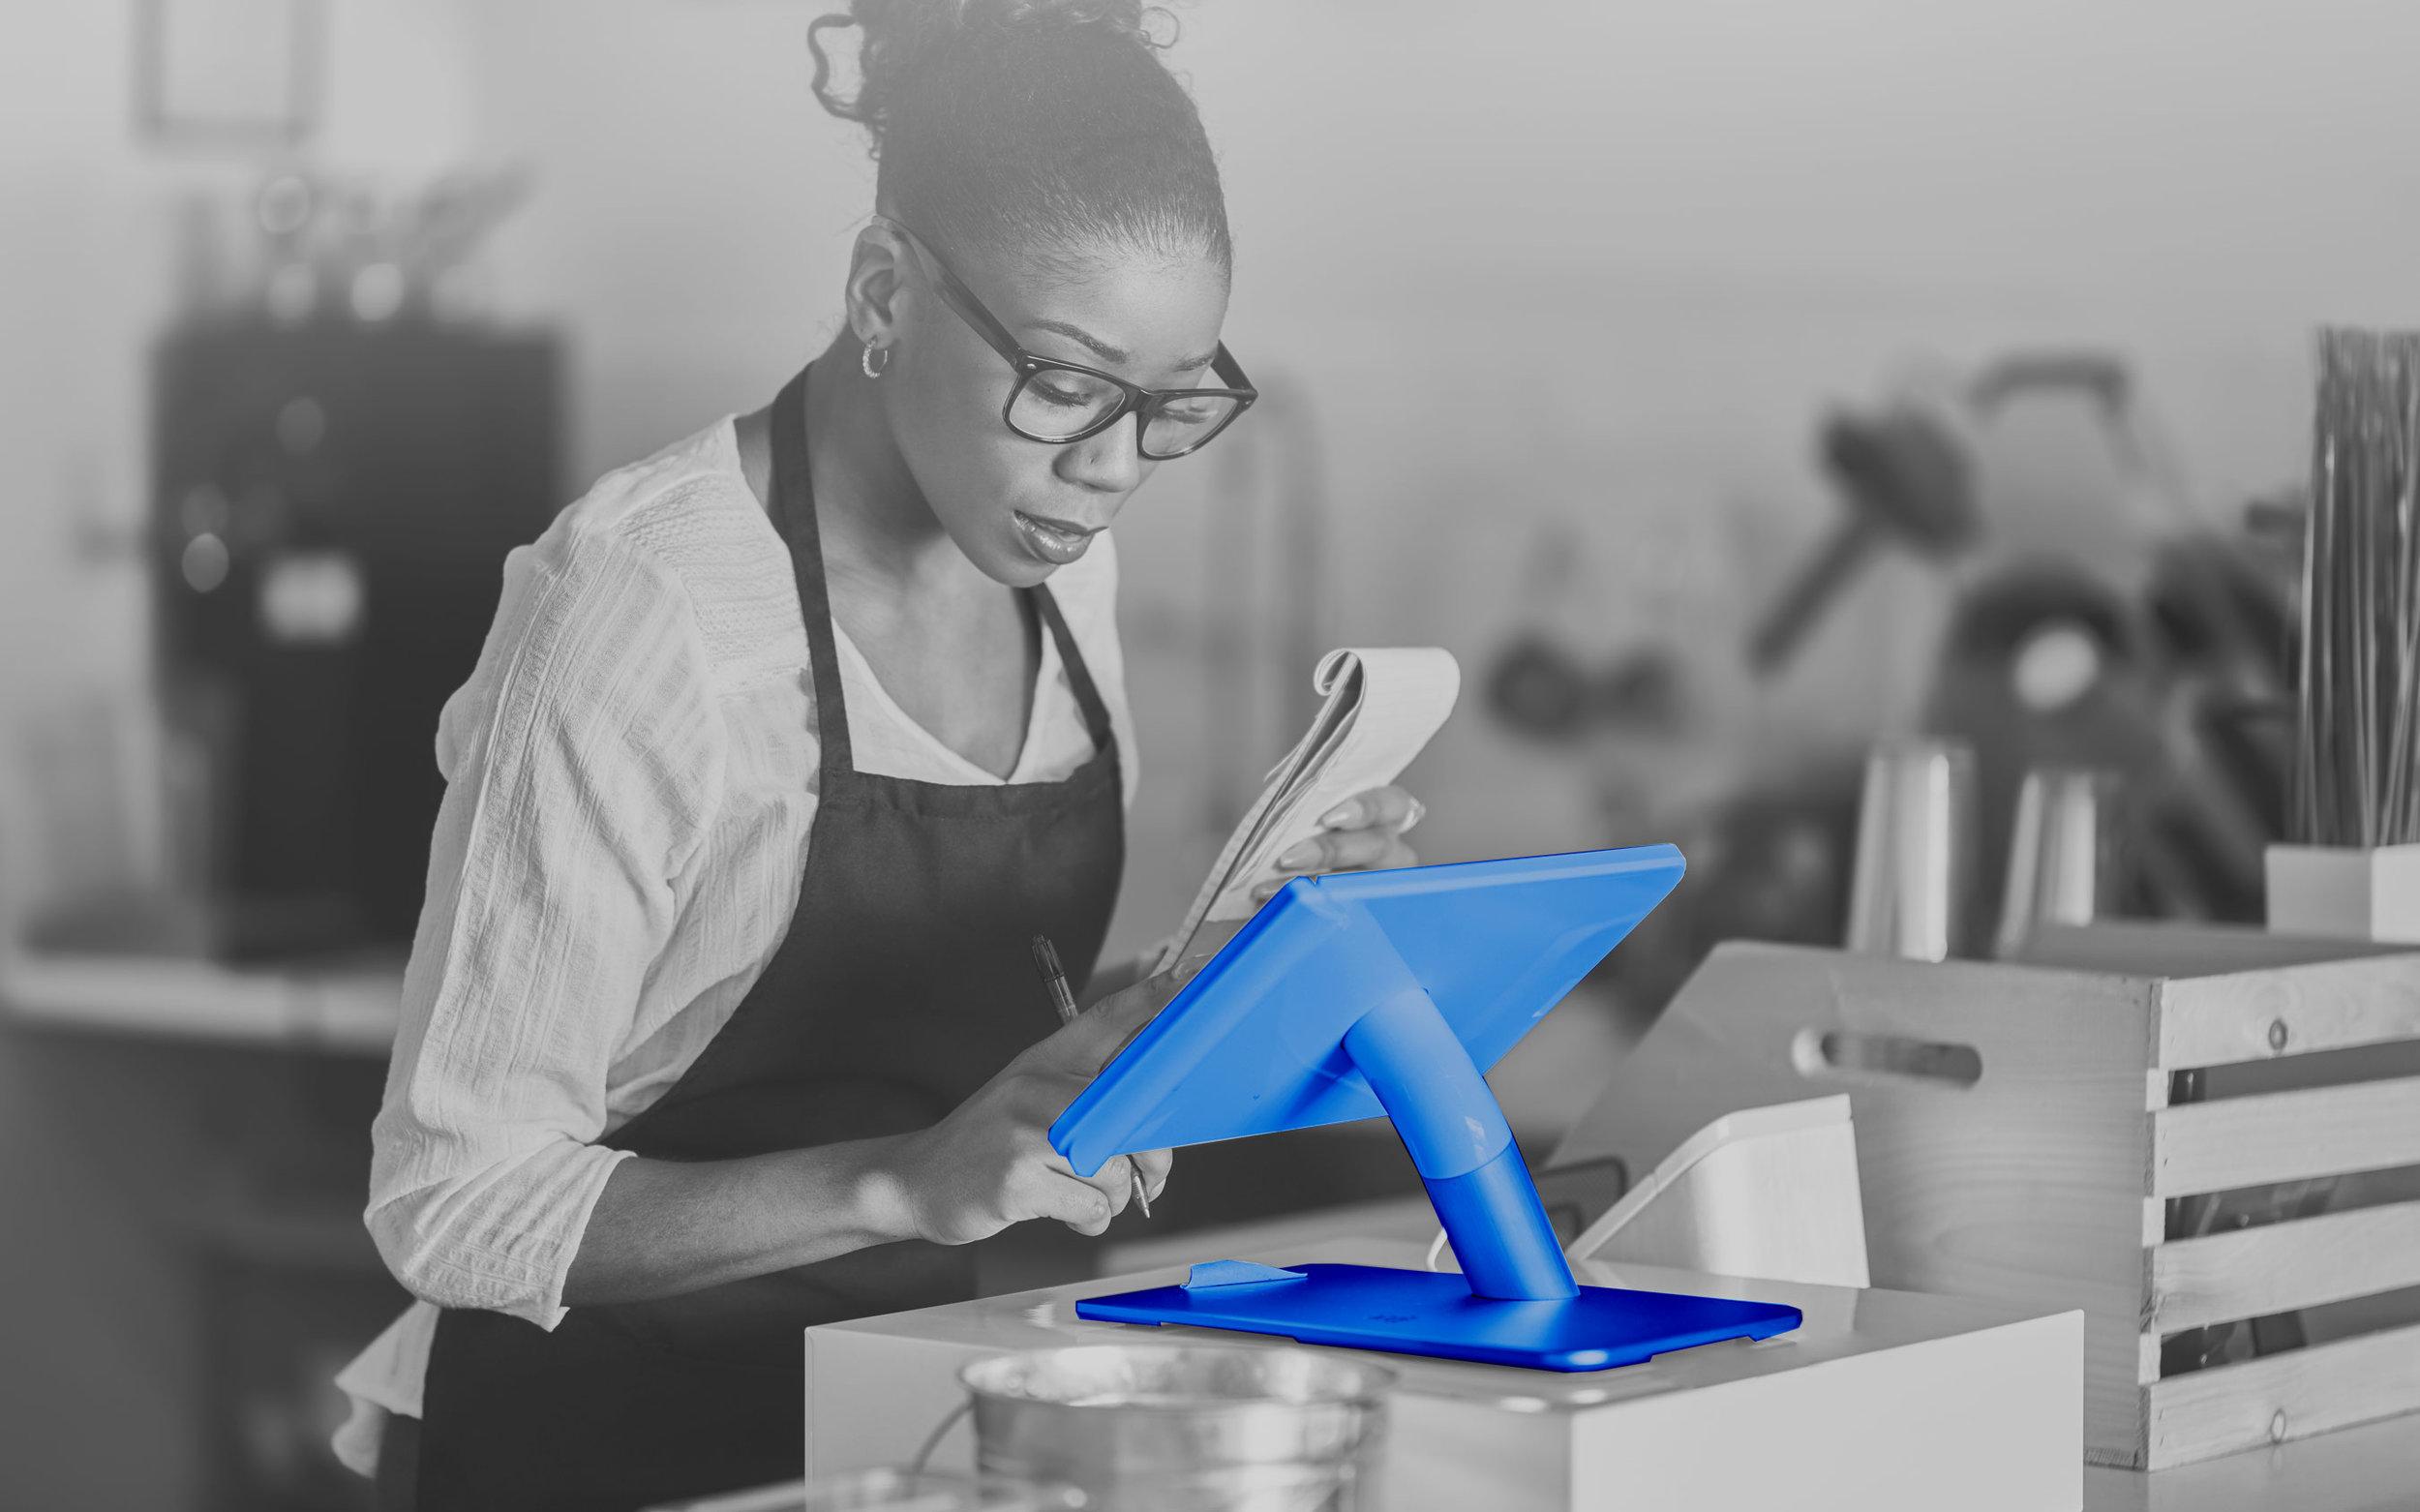 Flexible payment services